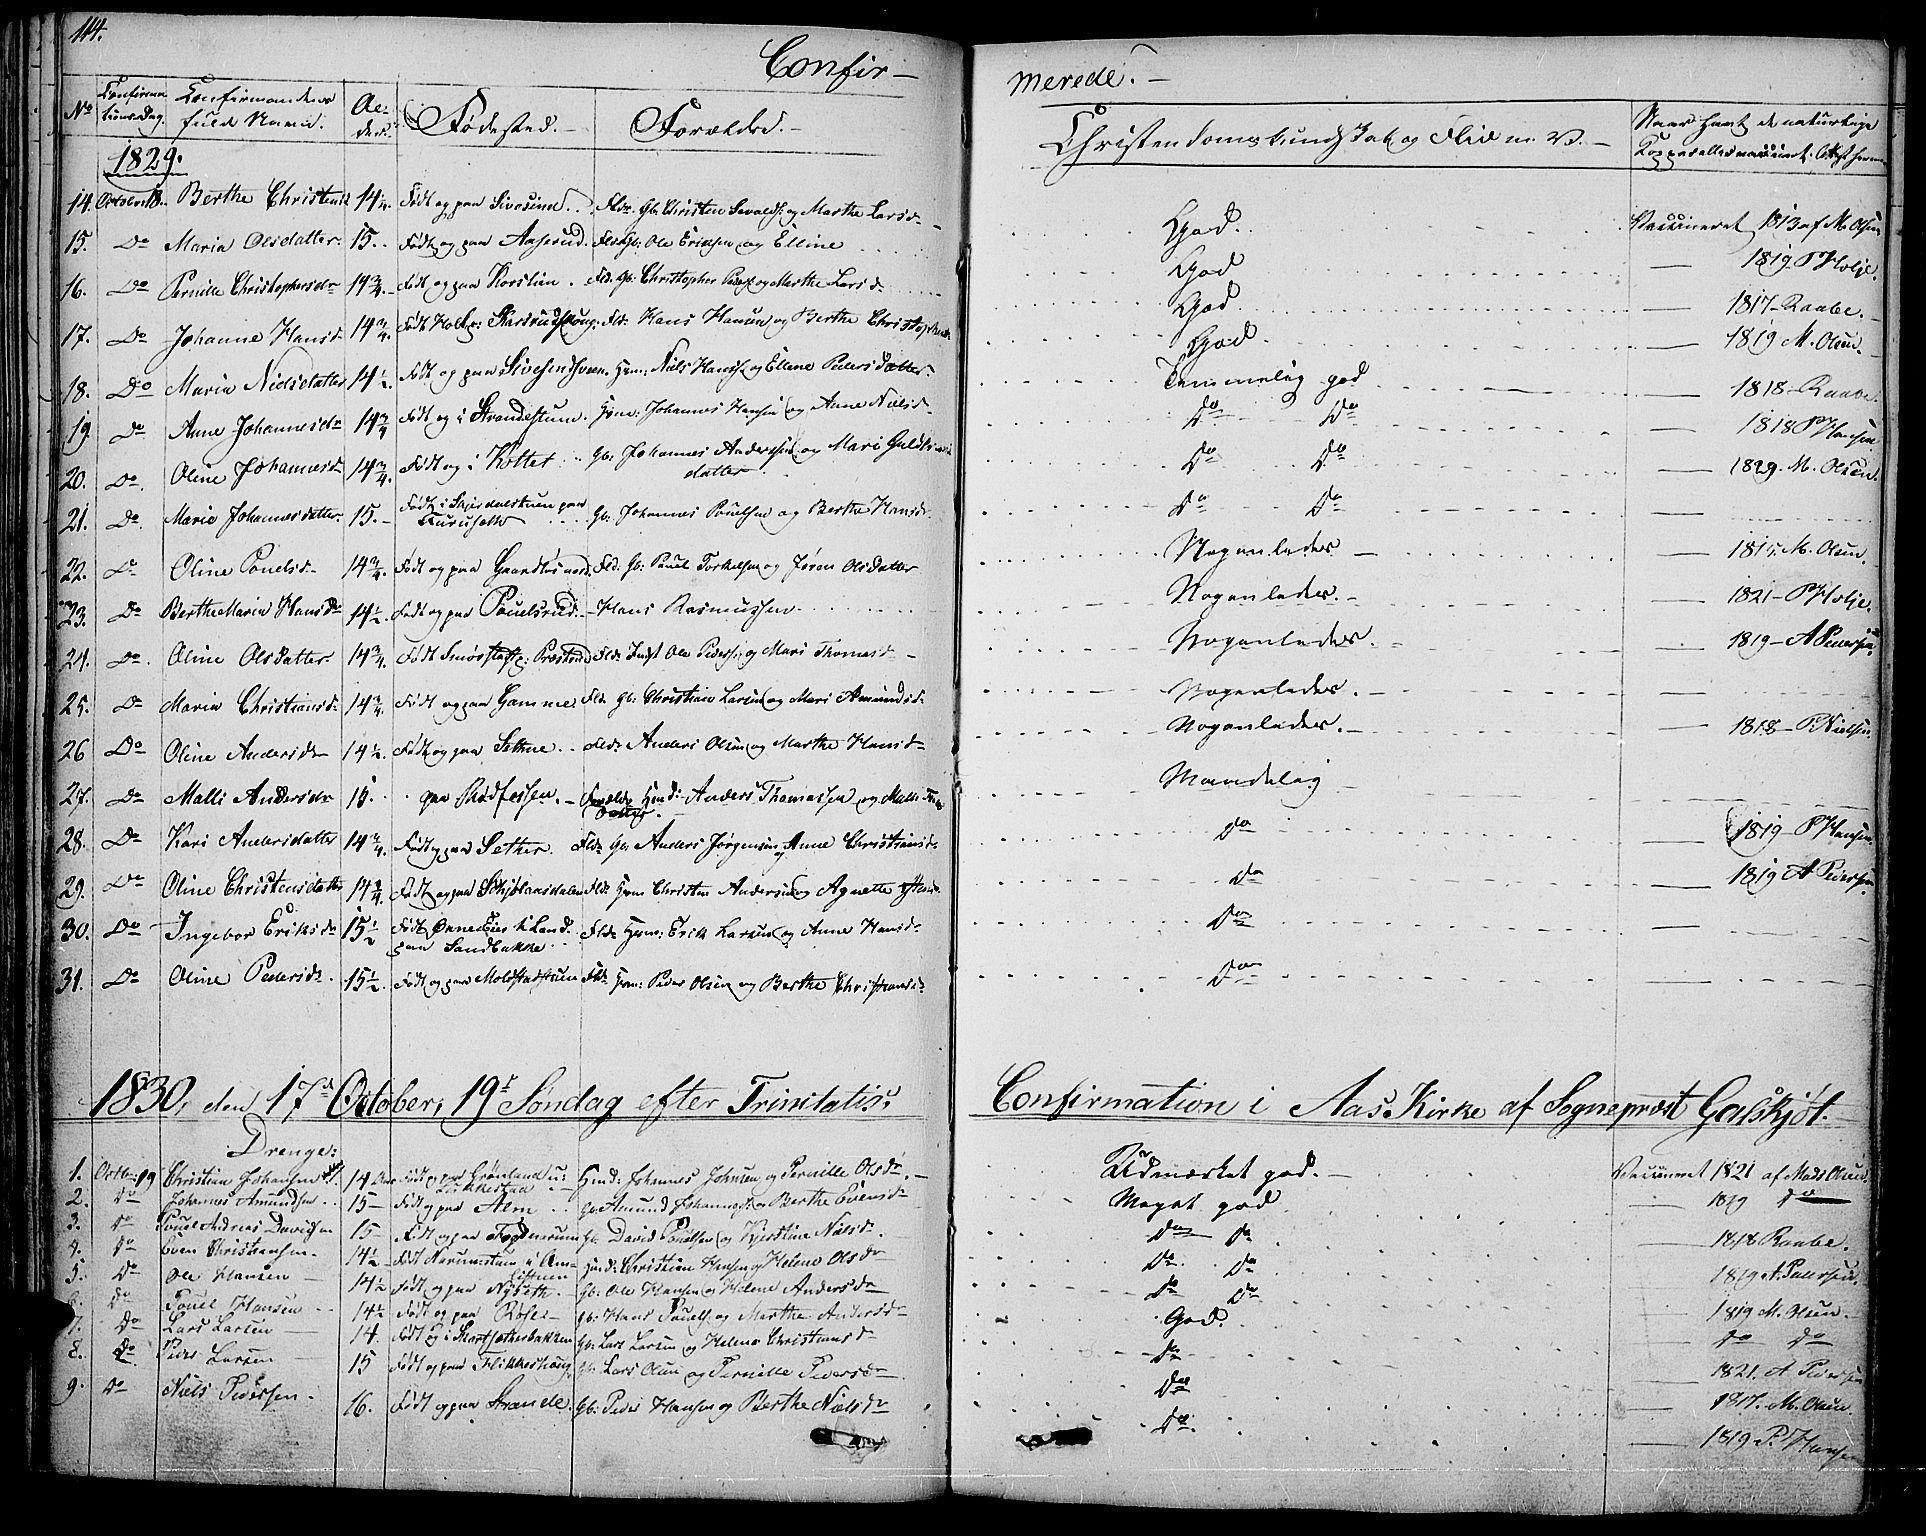 SAH, Vestre Toten prestekontor, Ministerialbok nr. 2, 1825-1837, s. 114